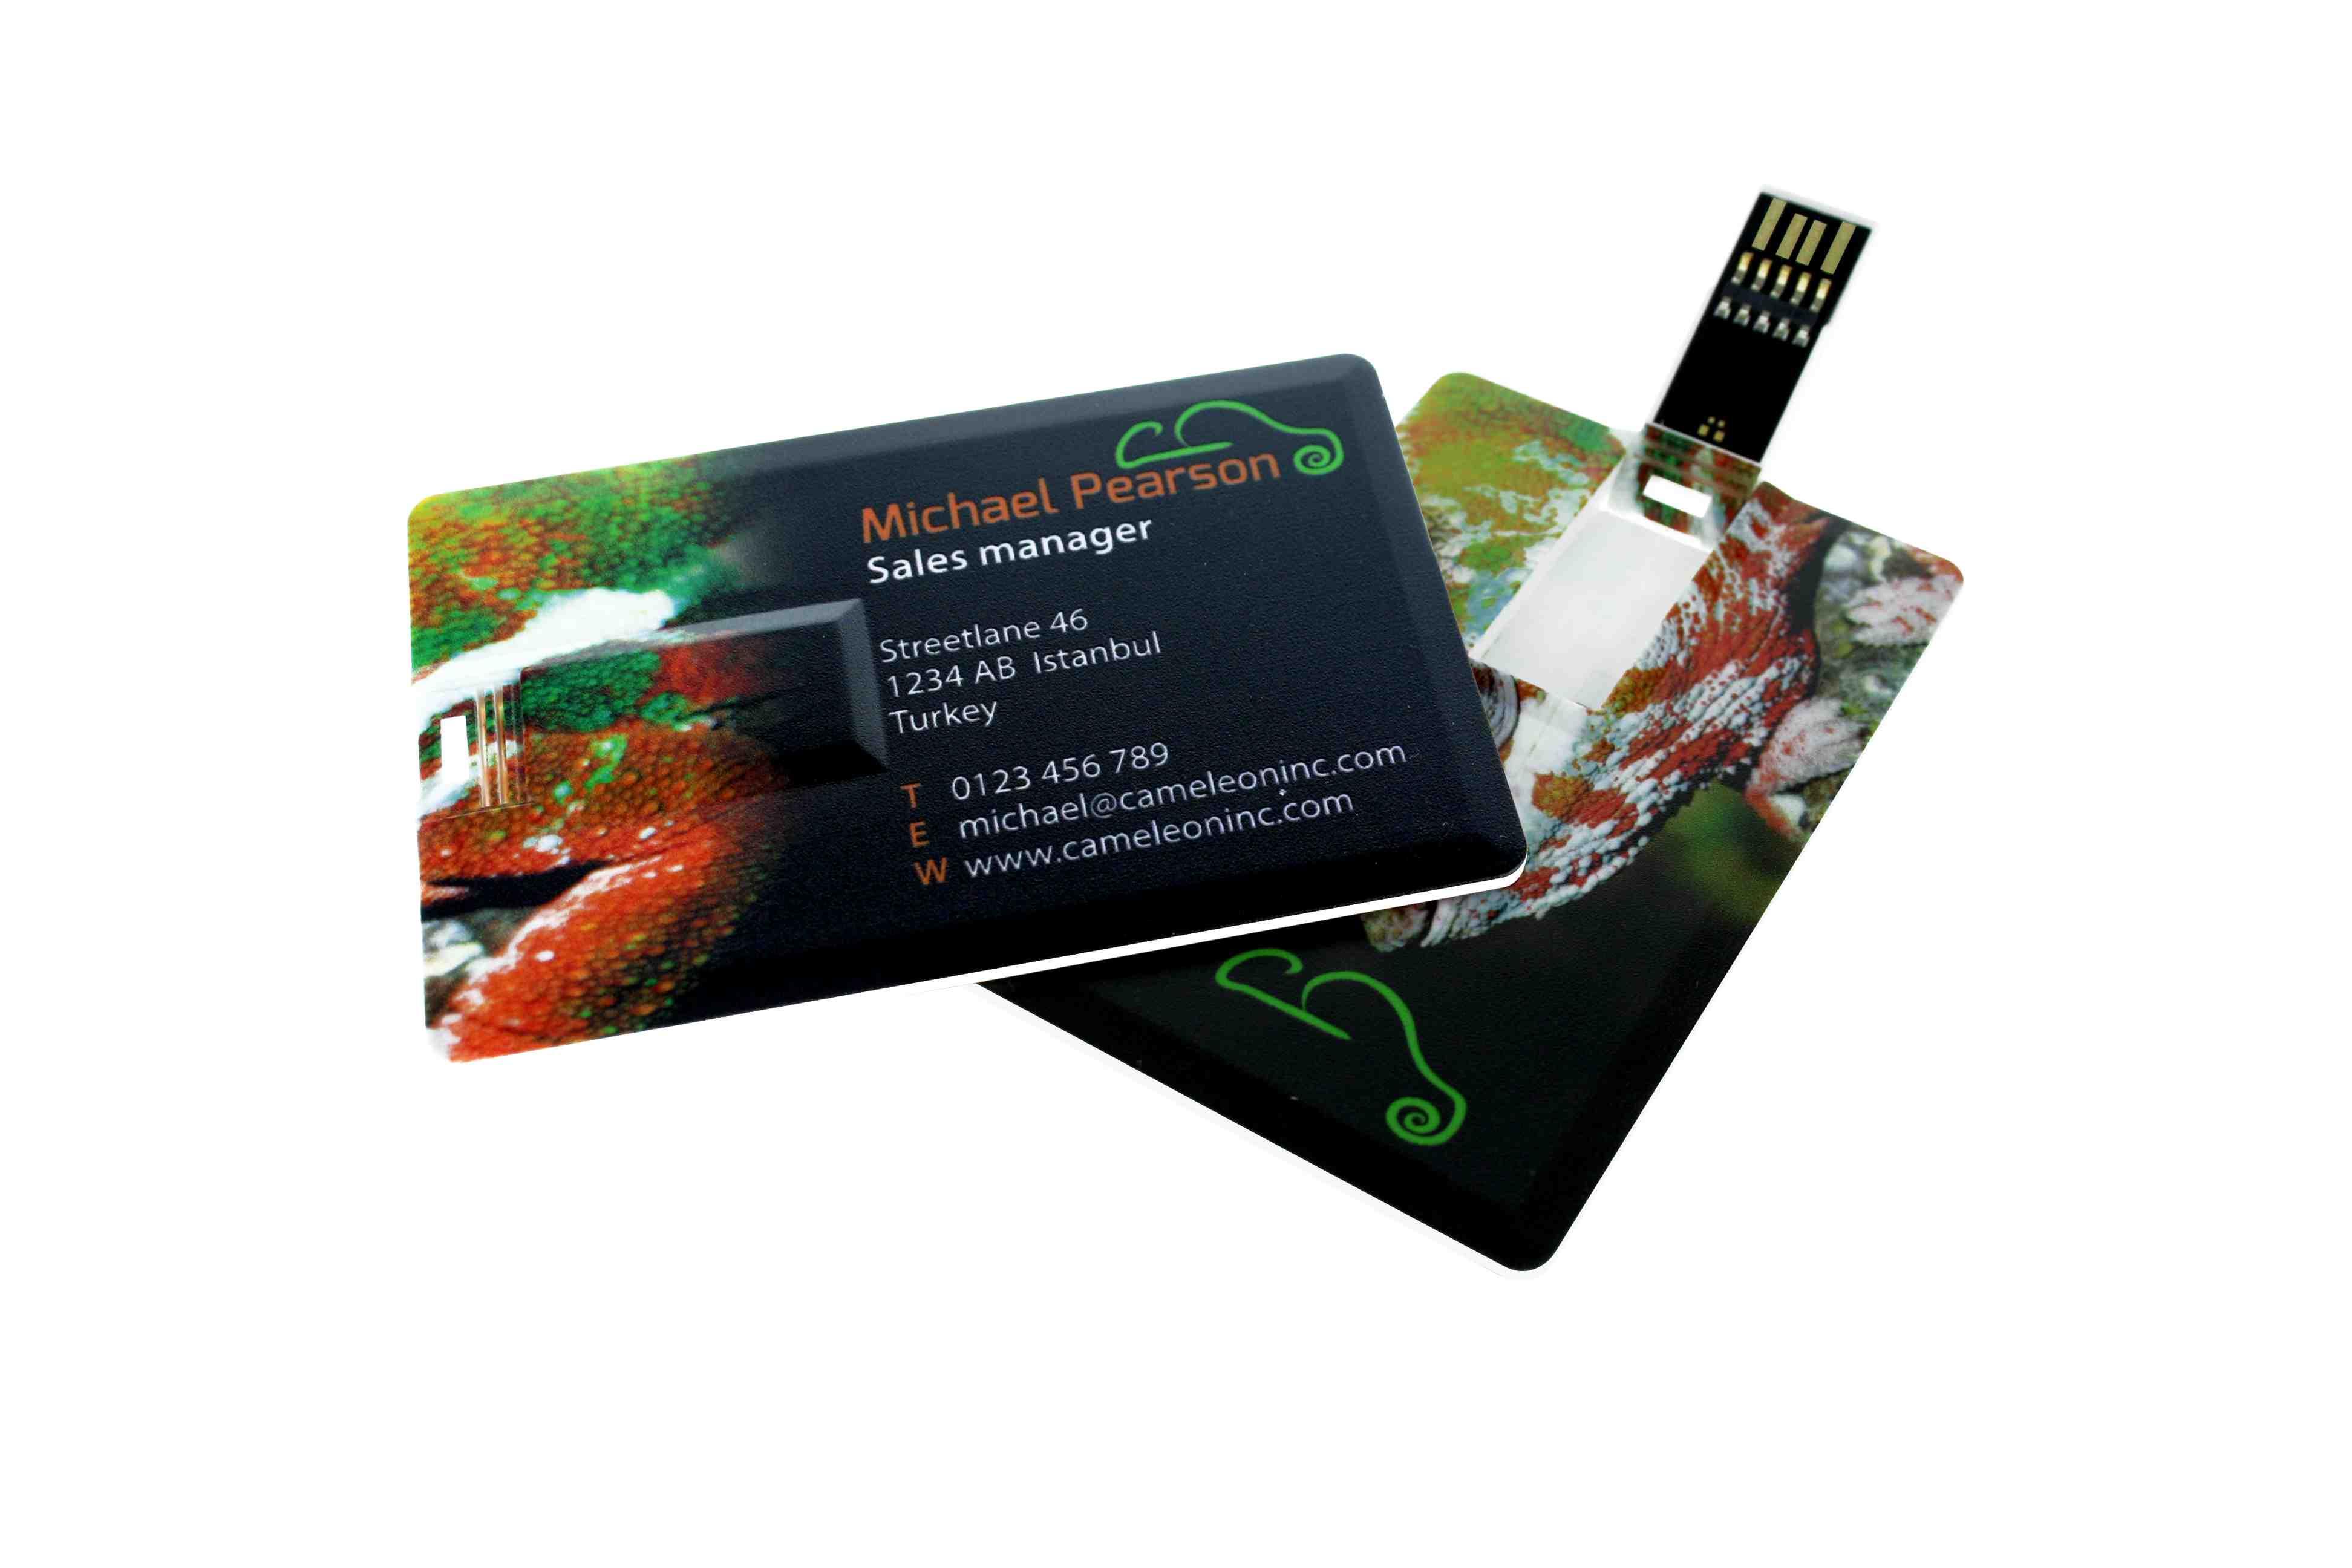 Cadeau publicitaire - Clé USB publicitaire carte de crédit 3.0